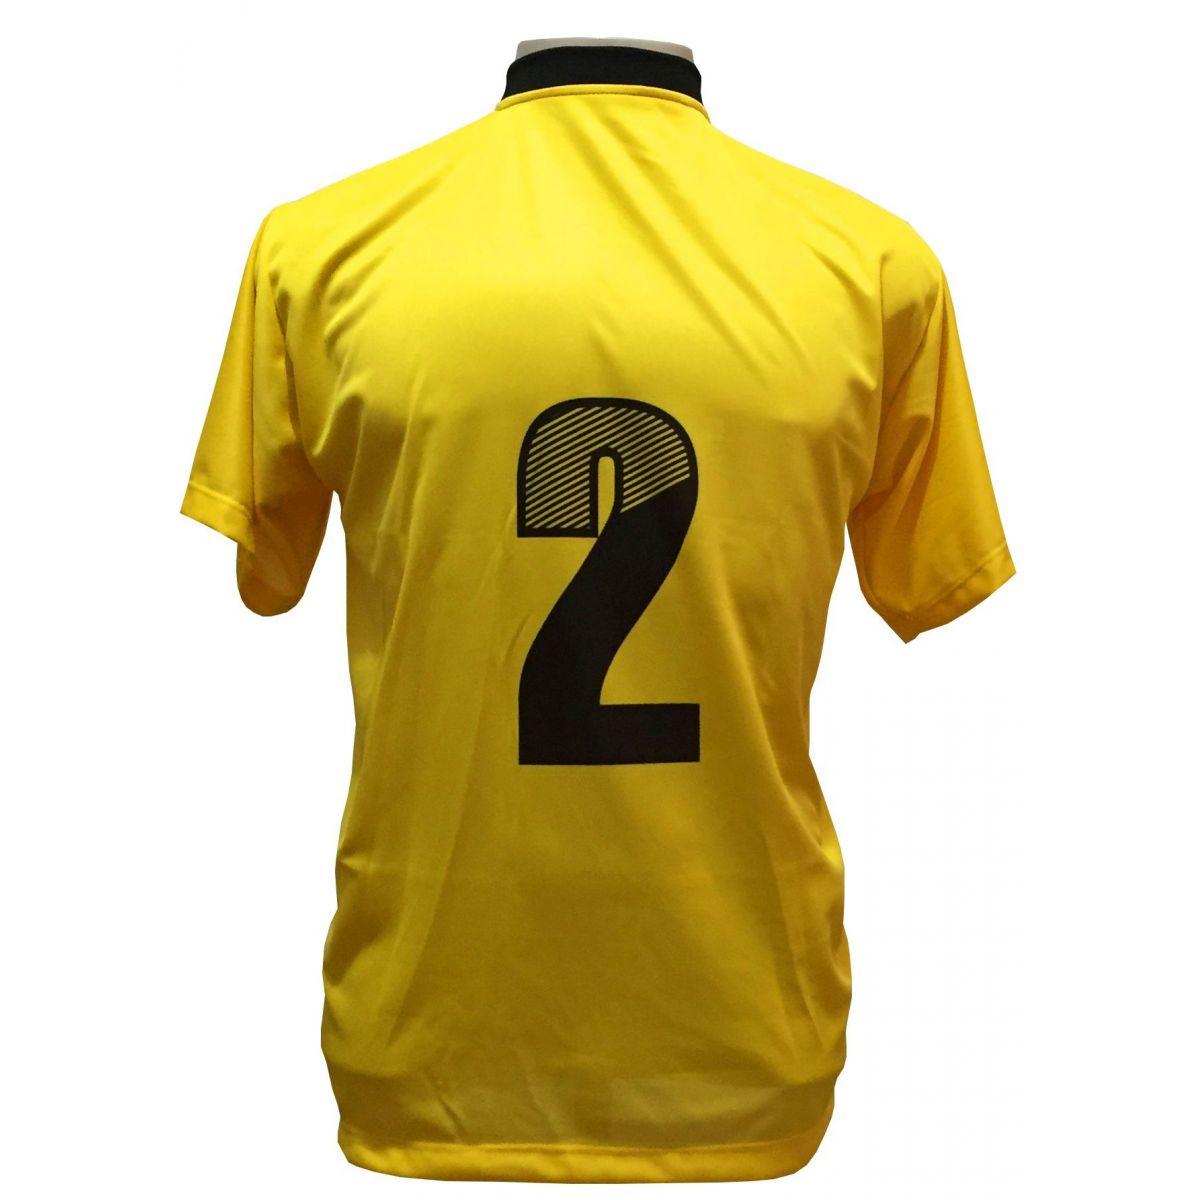 Uniforme Esportivo com 12 camisas modelo Roma Amarelo/Preto + 12 calções modelo Madrid + 1 Goleiro + Brindes